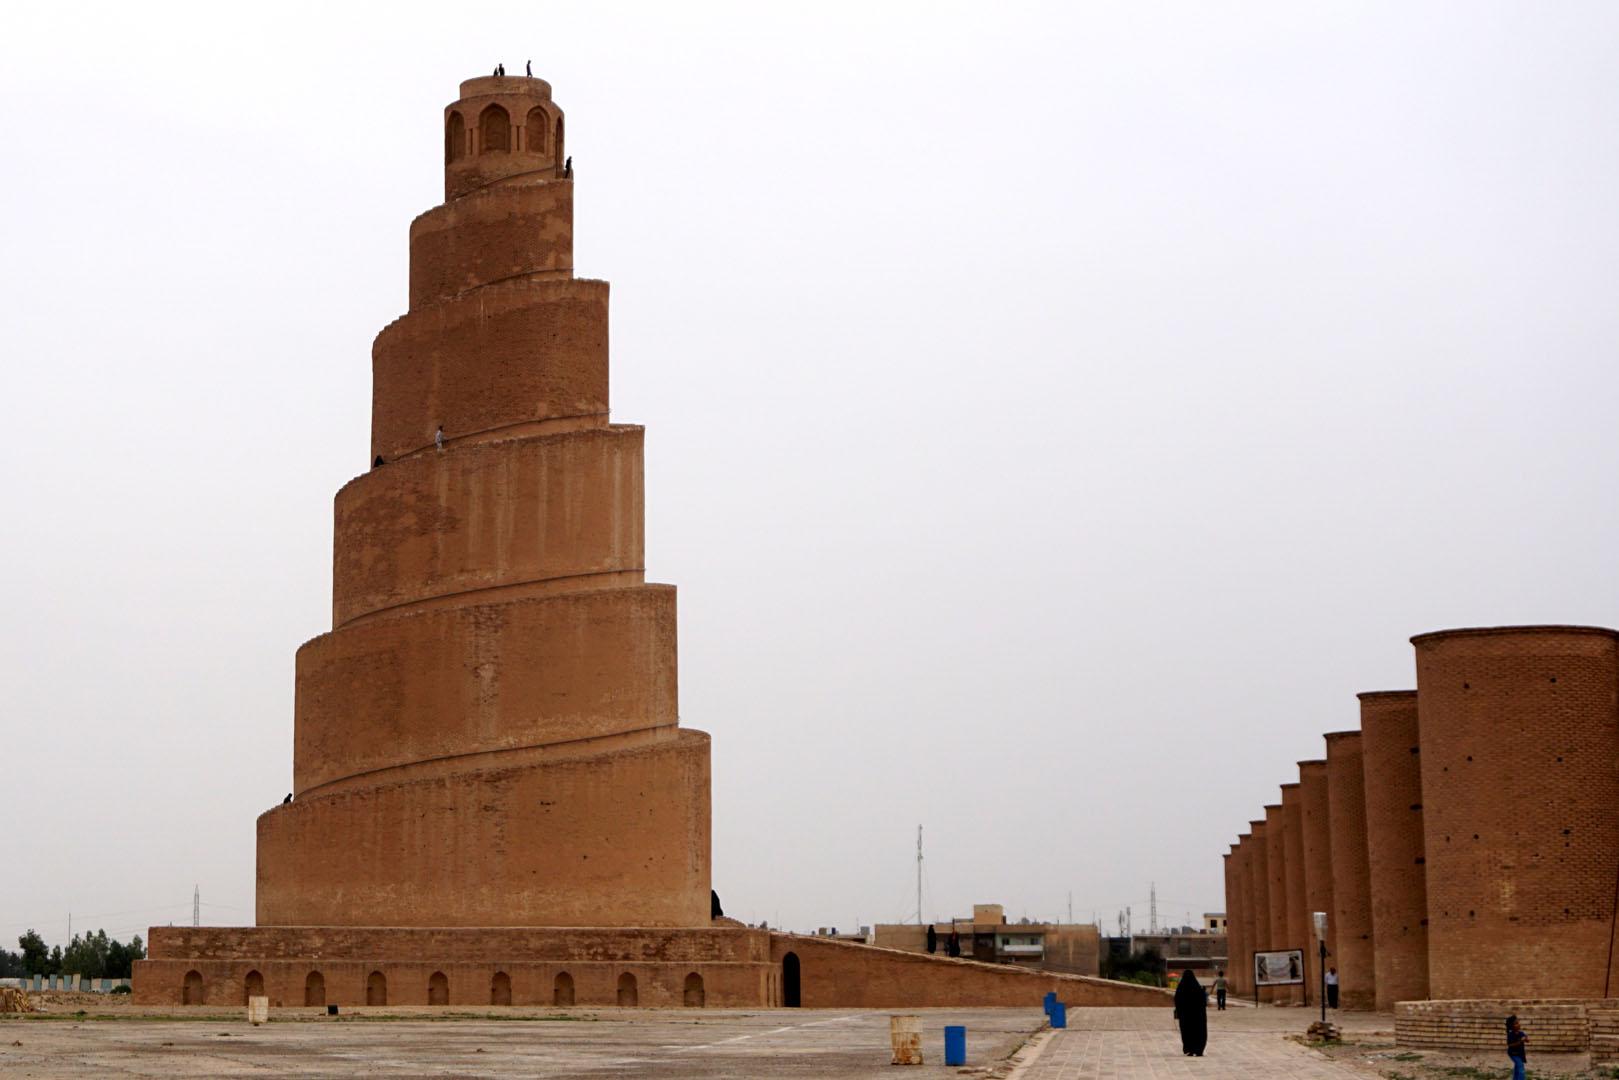 Minaret and mosque of Samarra in Iraq